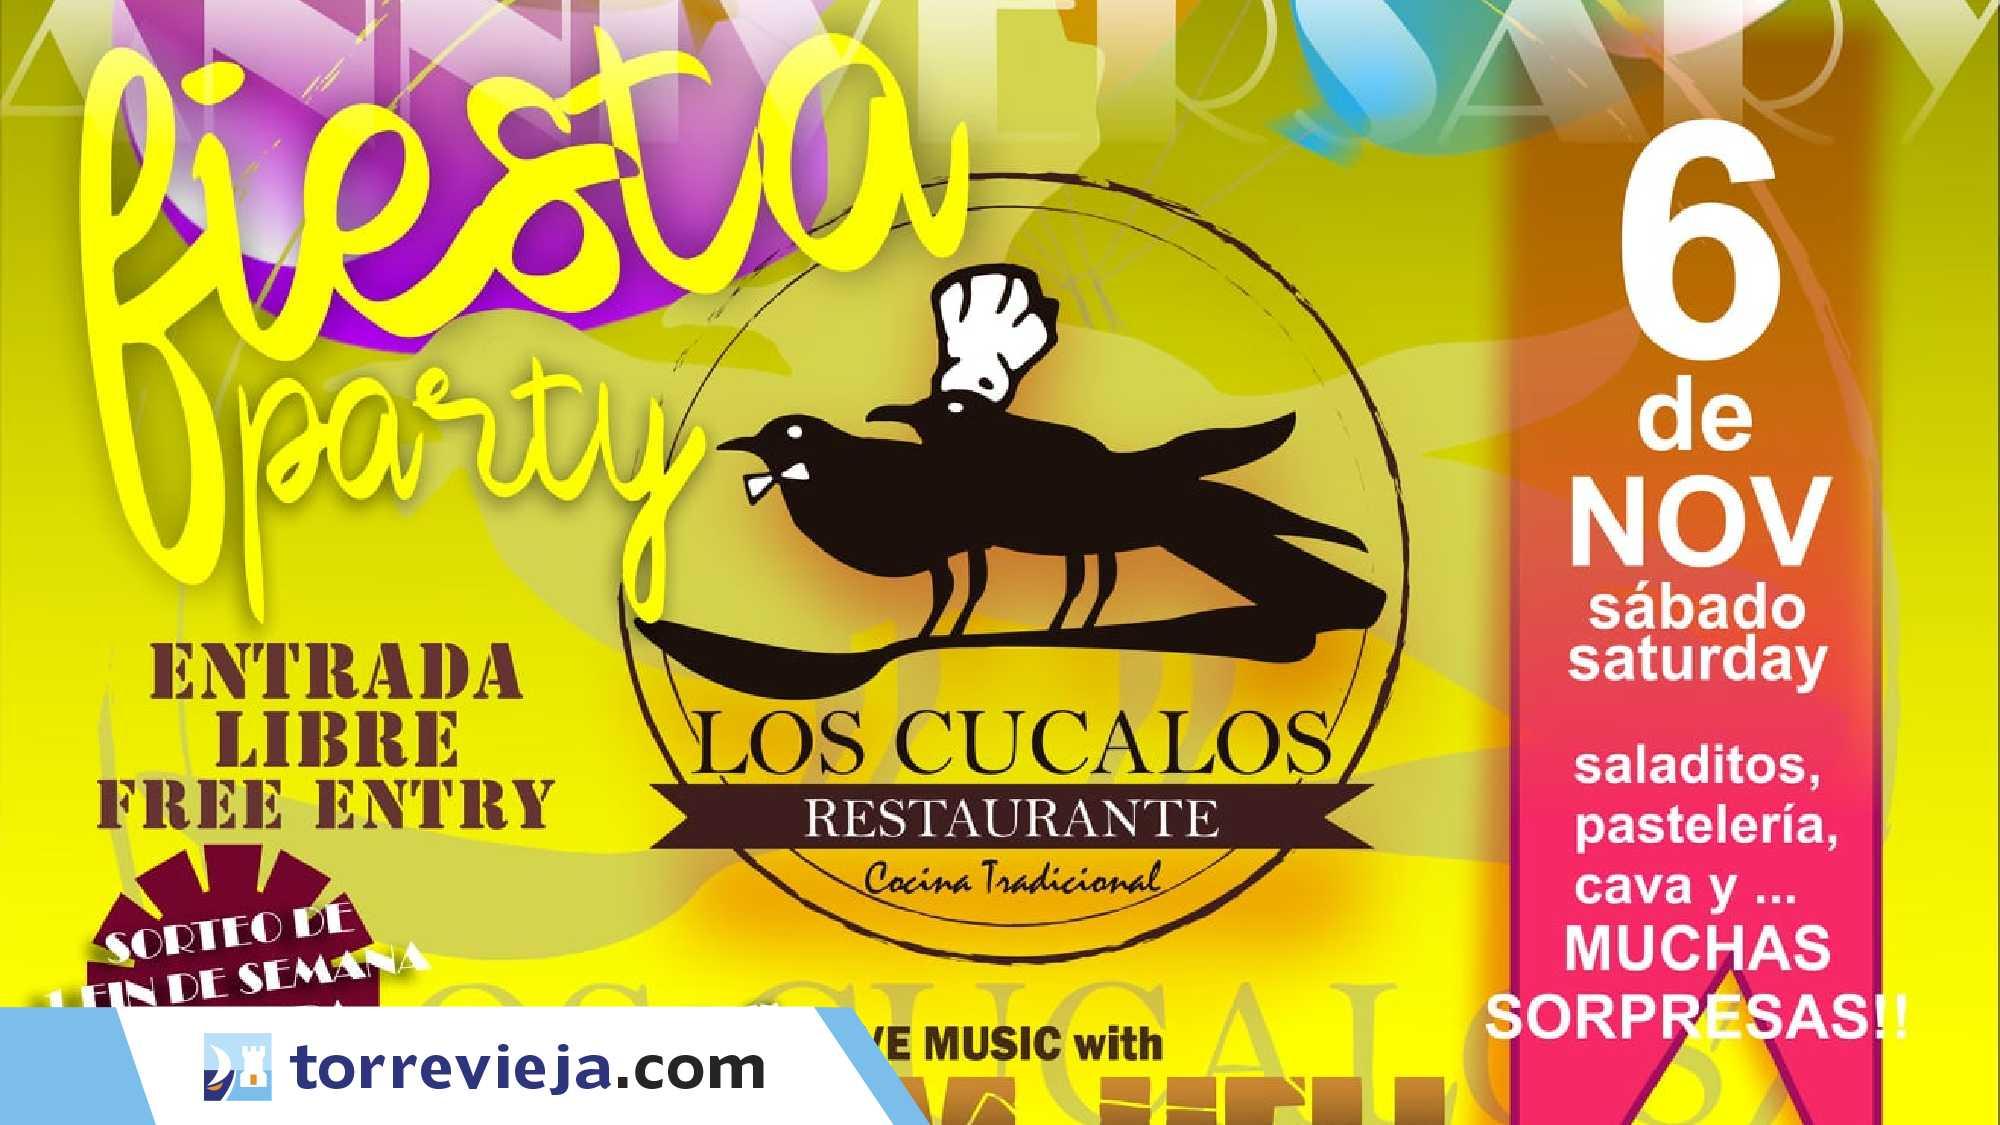 Fiesta 26 aniversario de Los Cucalos 2021 Torreviejacom